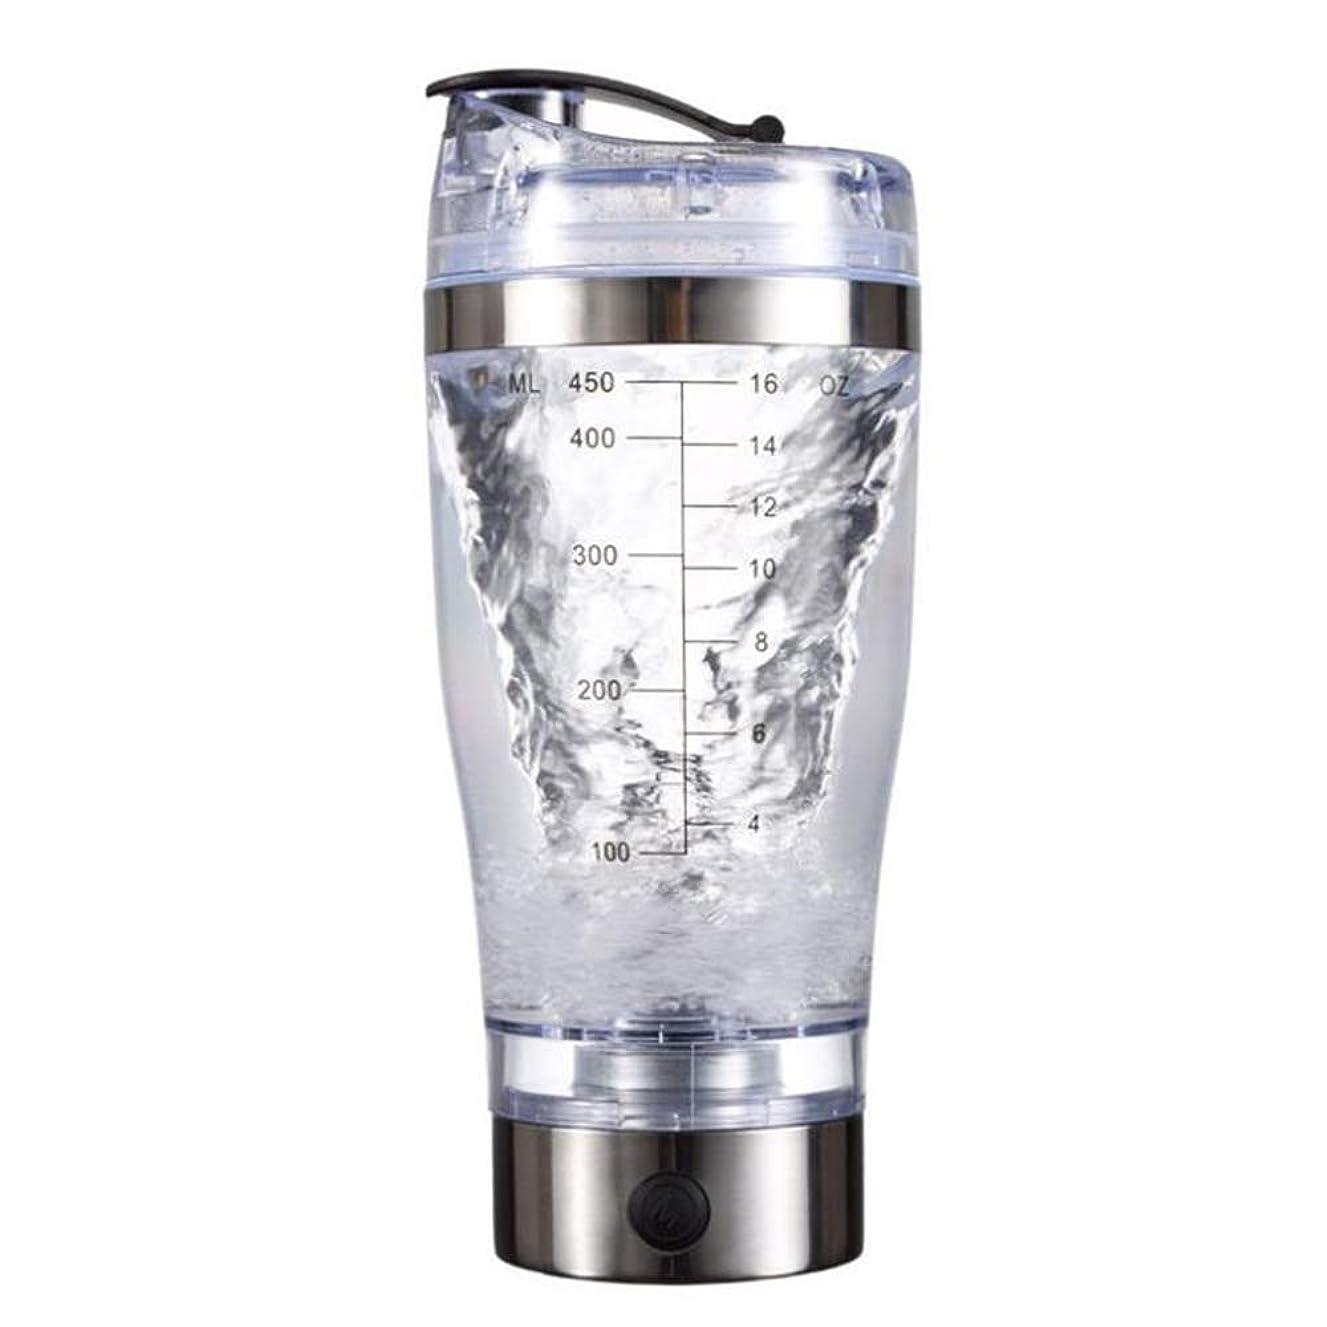 有名なバイオリニストアトムAlioay 電動シェーカー プロテインシェーカー プロテインミキサー シェーカーボトル ミキサー 電池式 450ml 多機能 コーヒーミキサー 自動 電池式 栄養補給 健康素材 漏れ防止